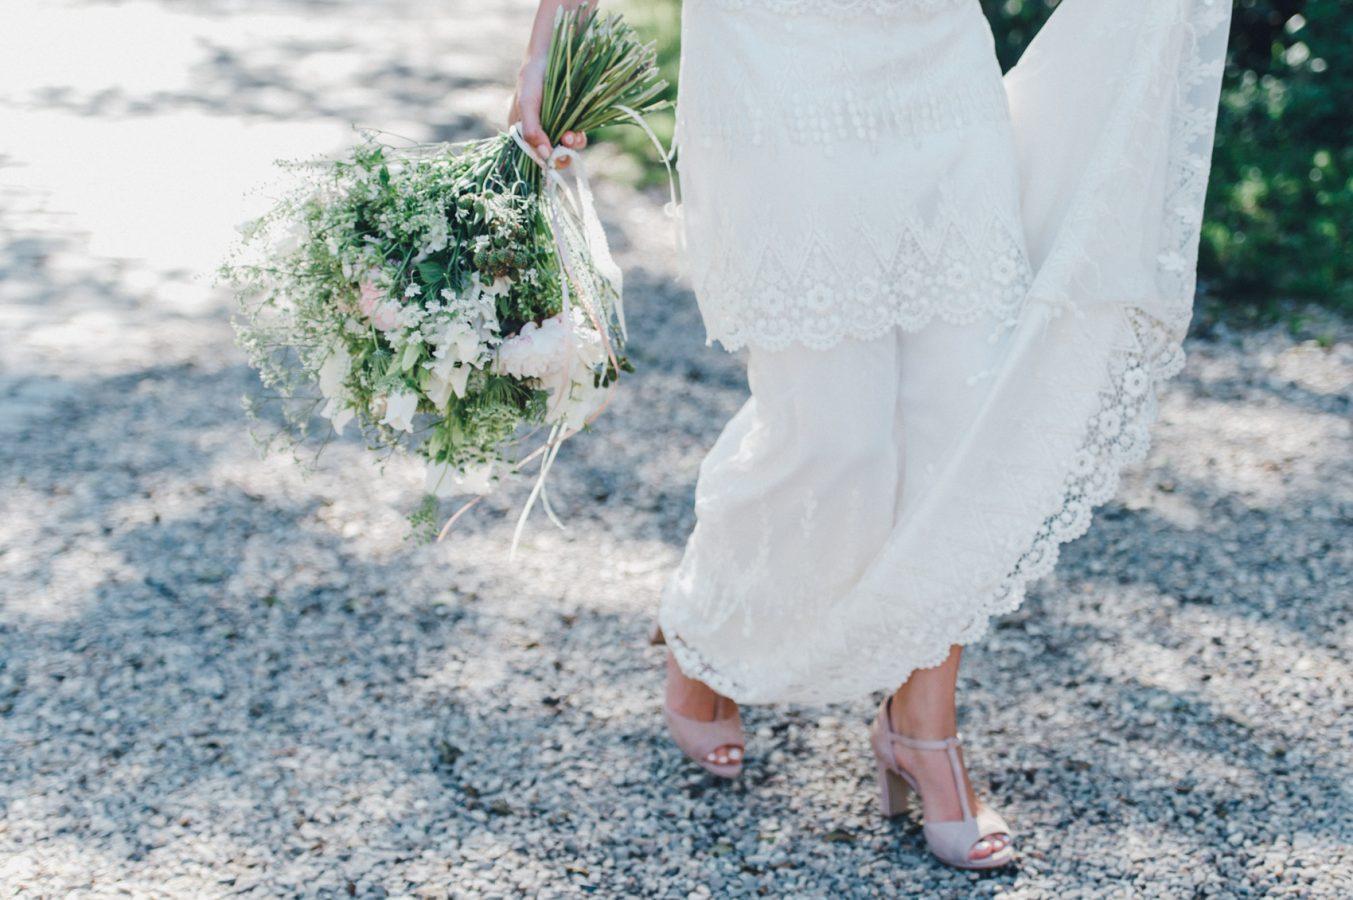 Fotos HochzeitsreportagenFotoskreativ wedding bohemian hochzeitsfotos 93